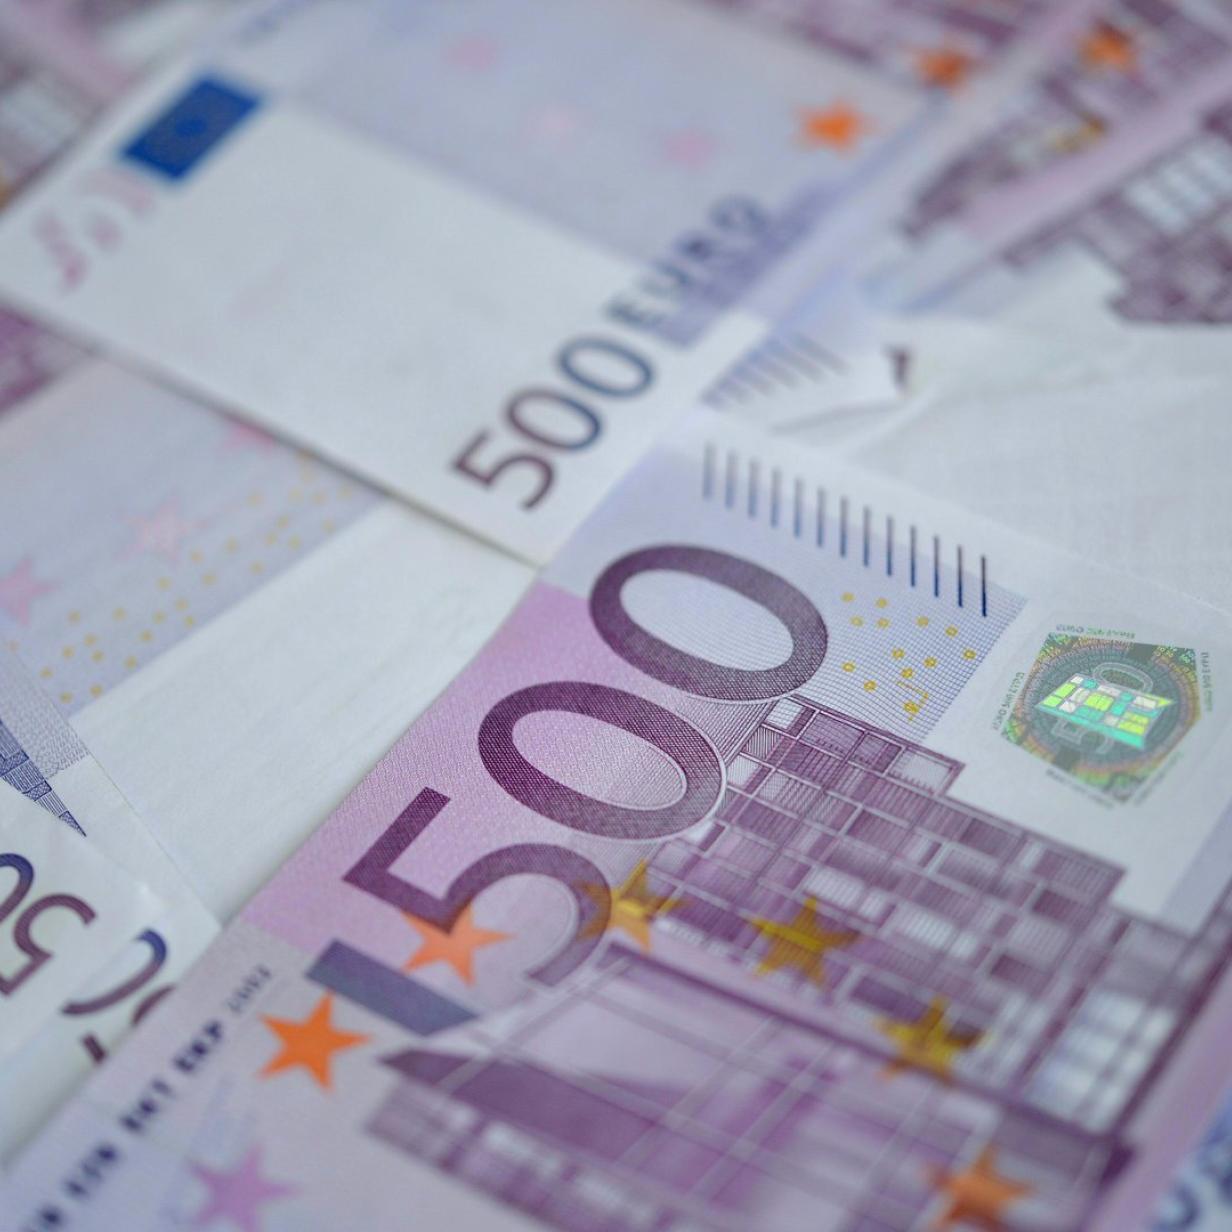 Regierung verteilte EU-Gelder für Bildung nicht optimal